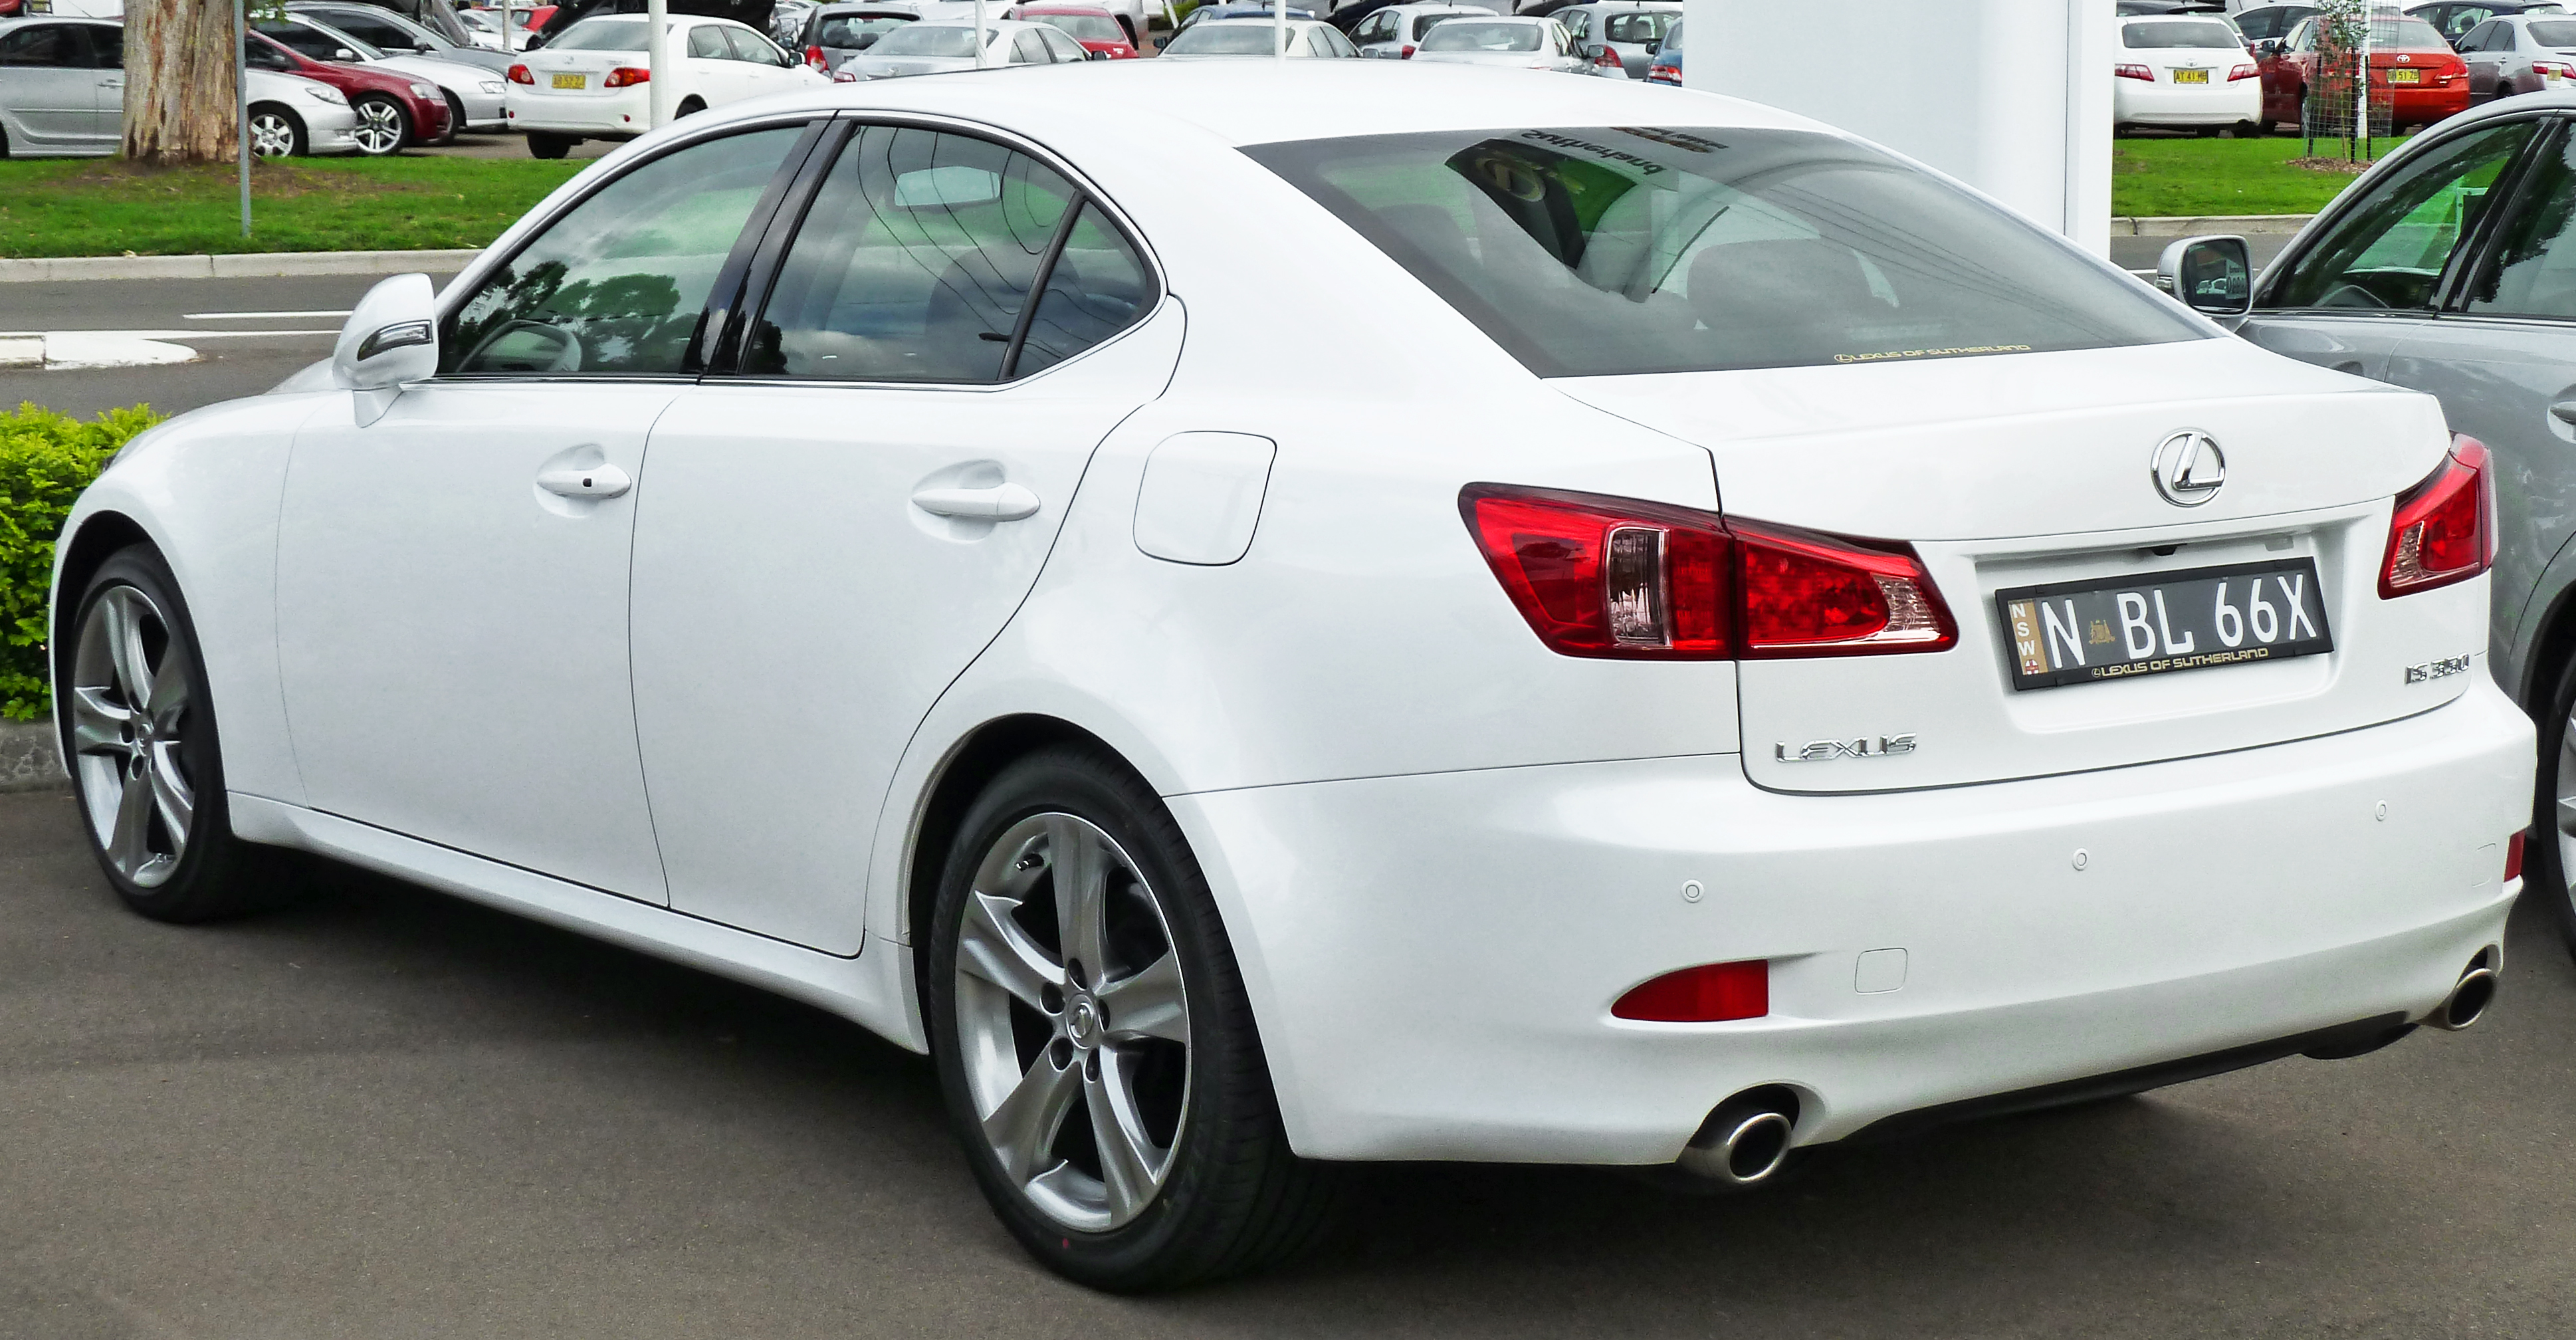 Lexus Is 350 >> 2011 LEXUS IS 350 - Image #17